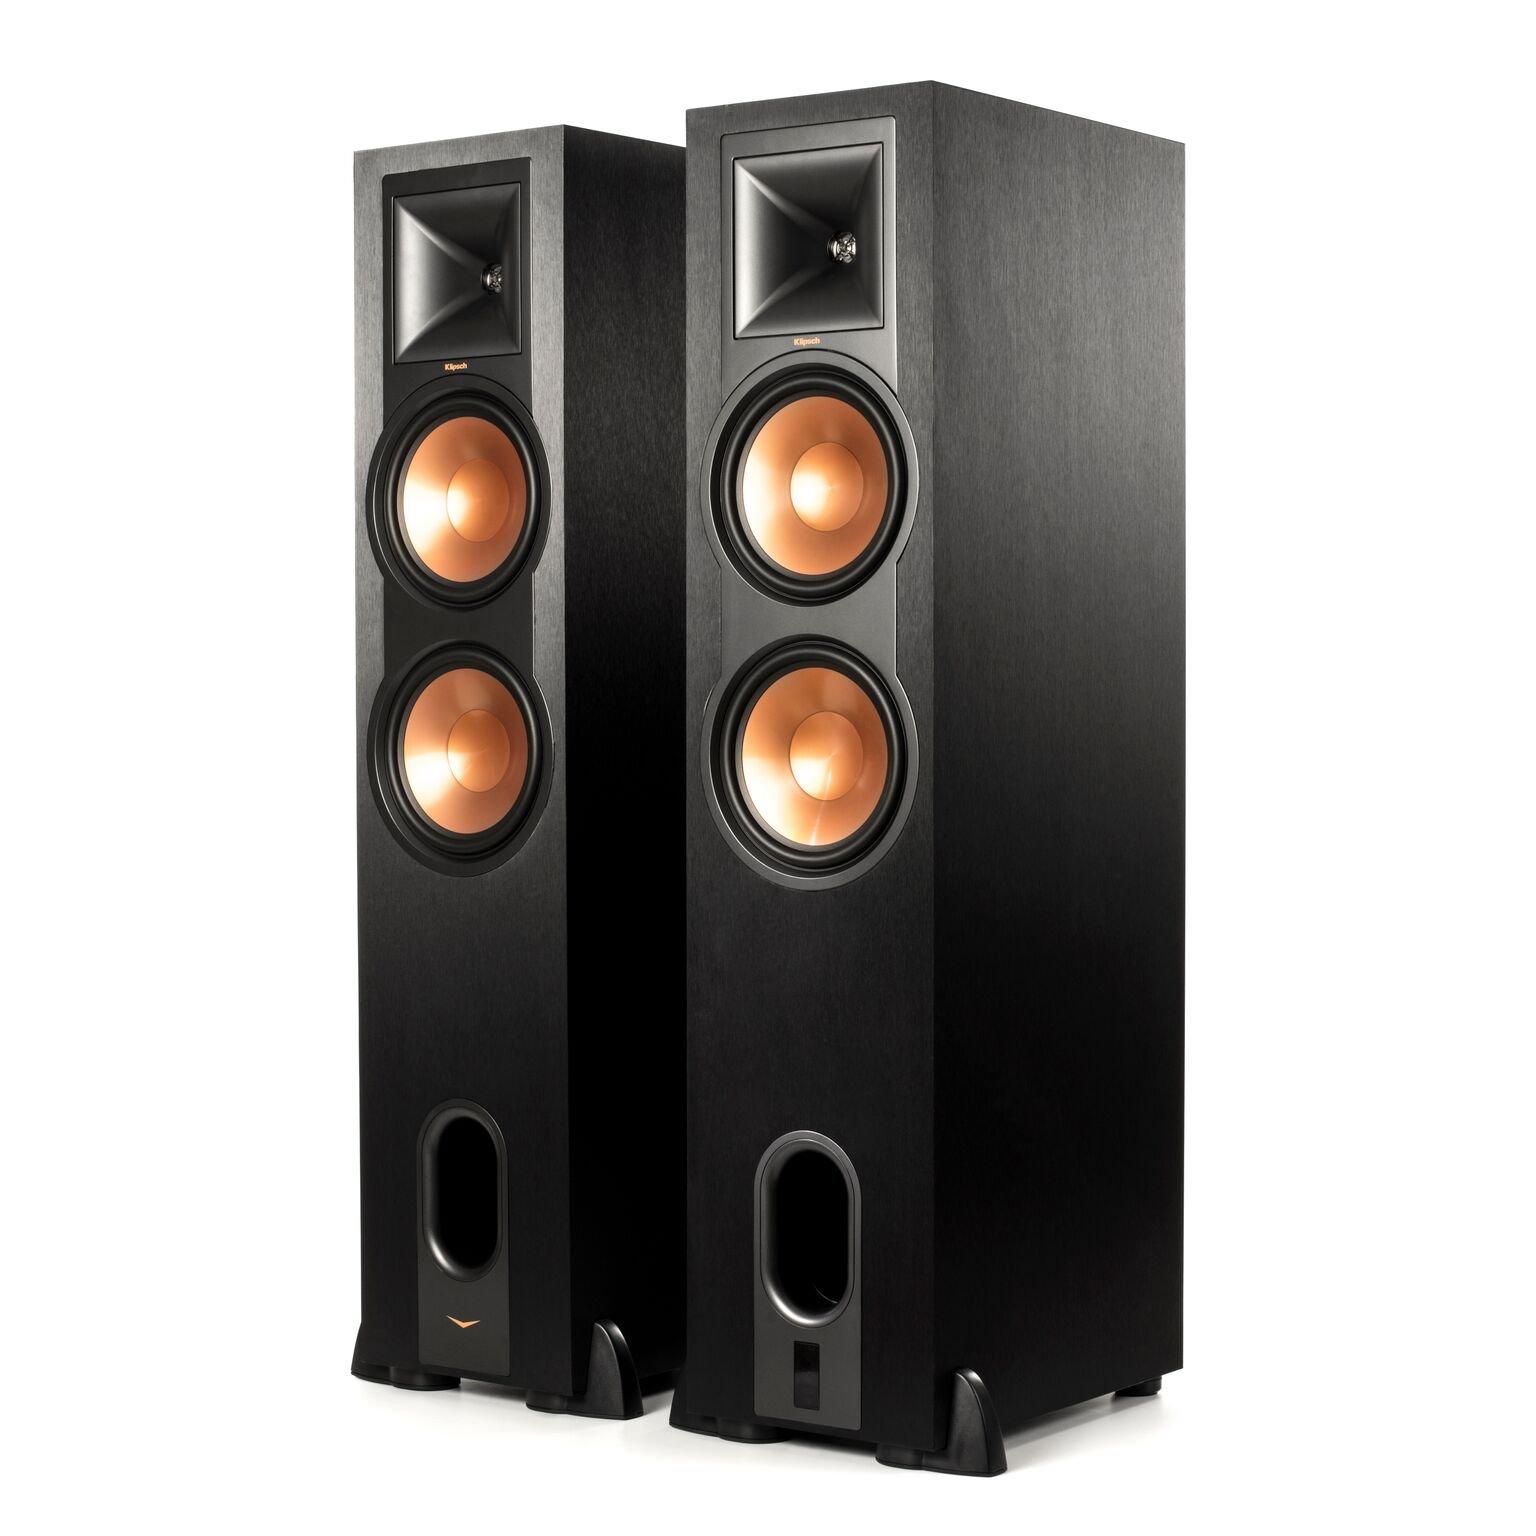 Klipsch R-28PF Surround Powerful Floor Standing Home Speaker, Set of 2, Black by Klipsch